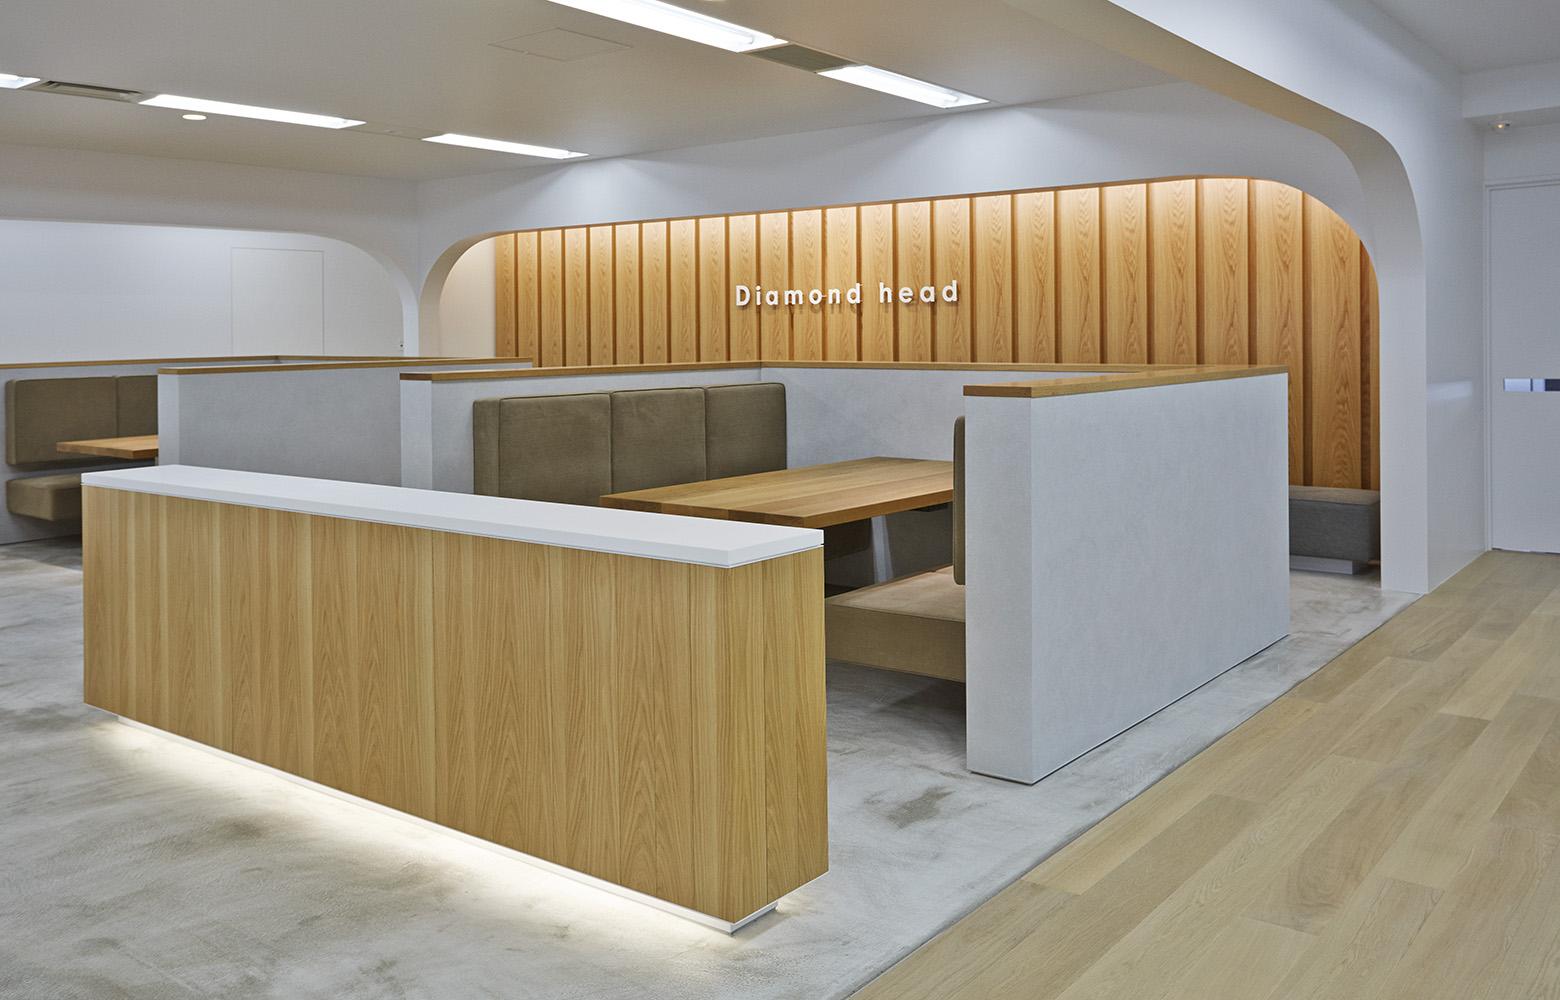 ダイアモンドヘッド株式会社 Tokyo Office Meeting Space_2 デザイン・レイアウト事例